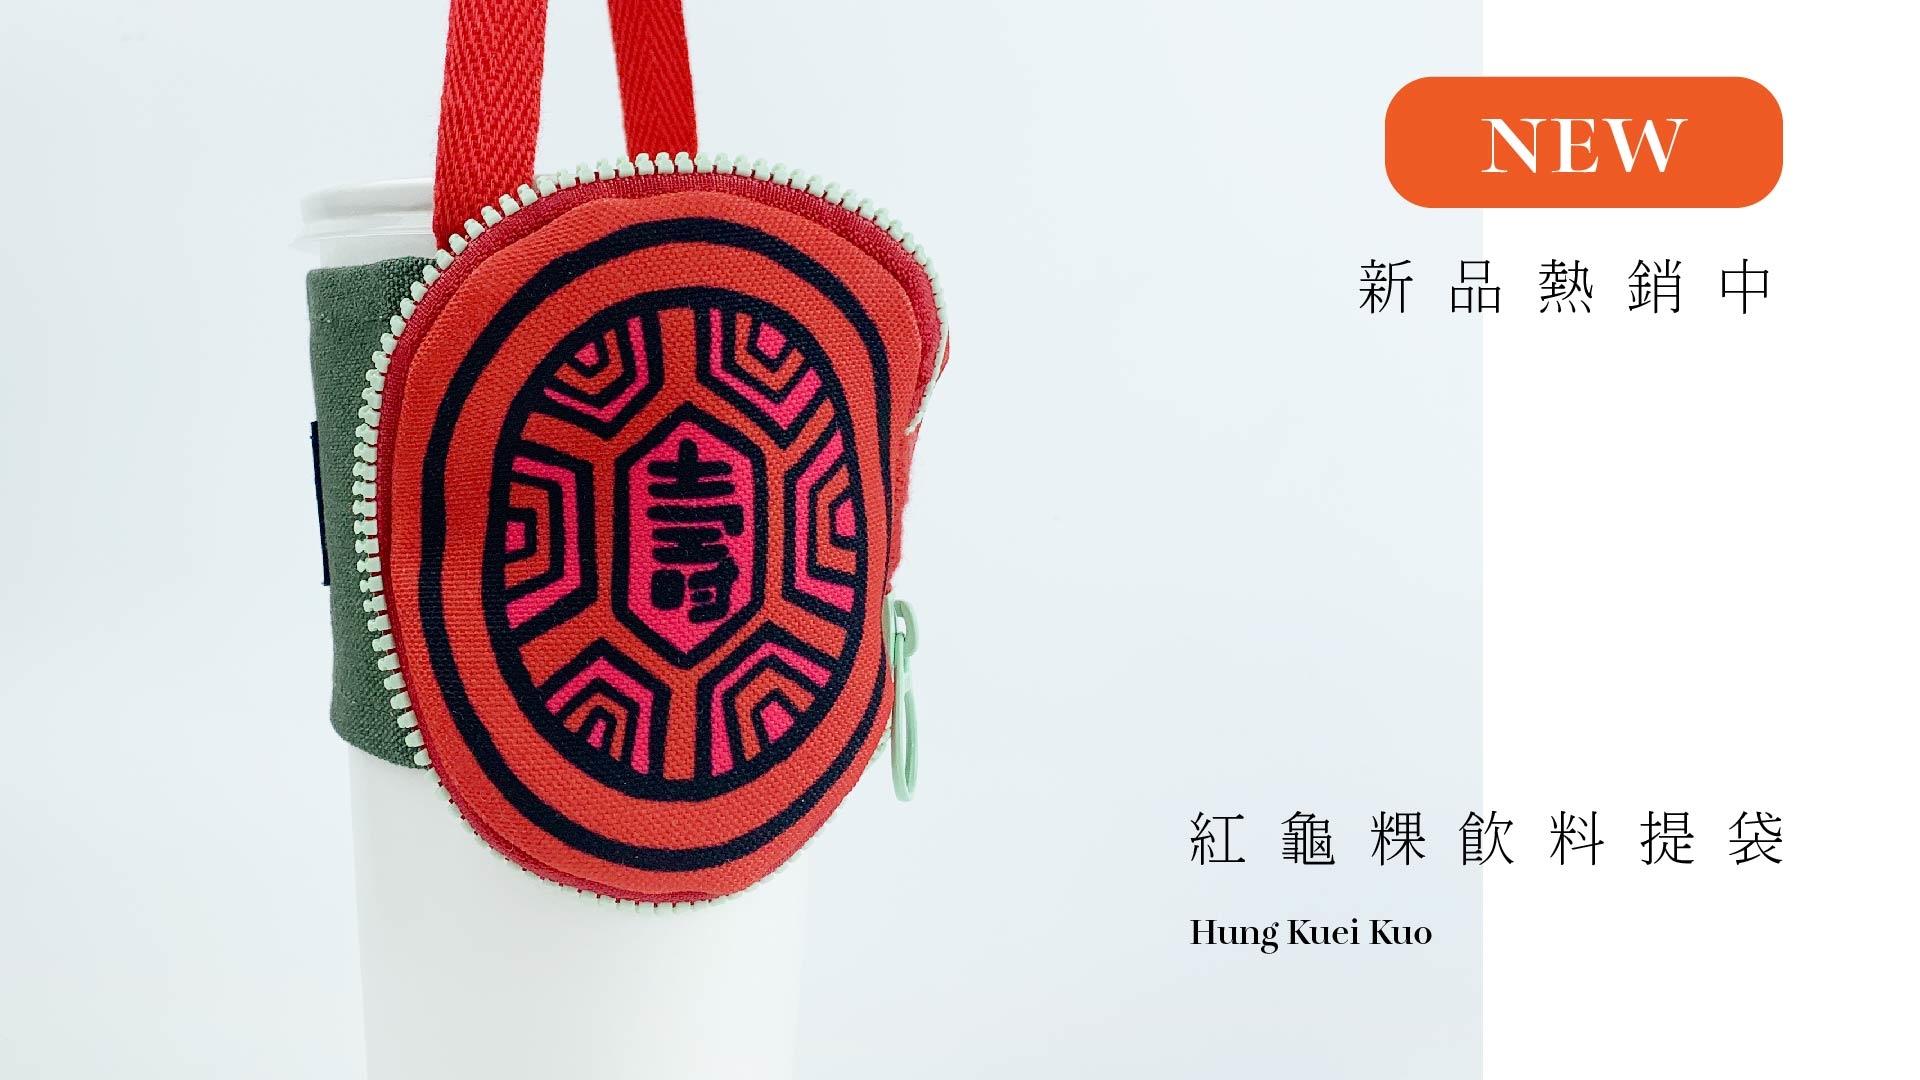 台灣紅龜粿造型飲料提袋,台灣復刻文創商品設計,台灣經典圖案紅龜粿